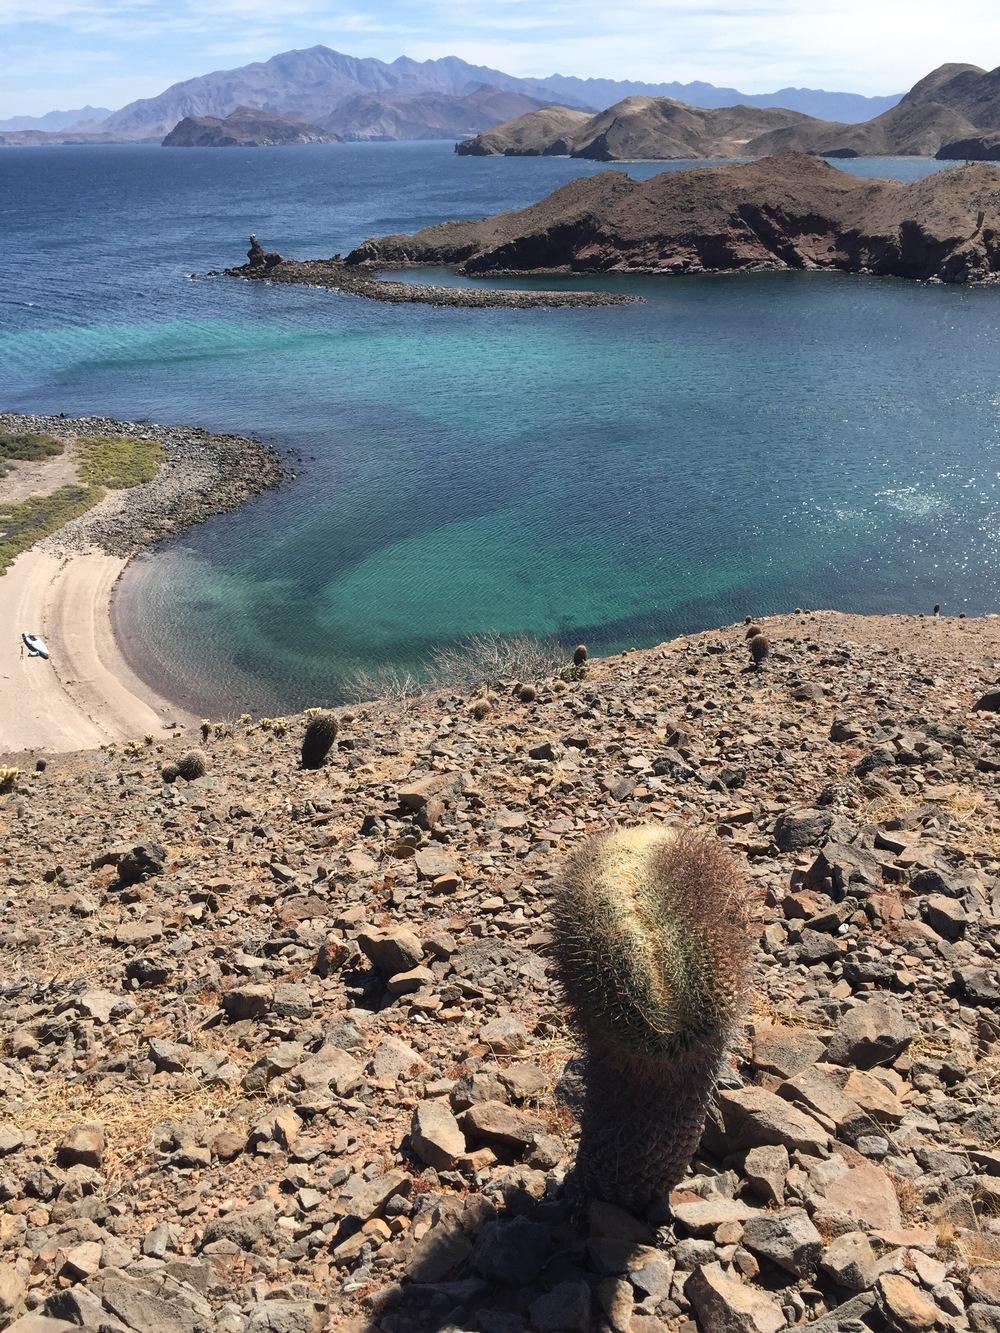 Beach at Isla Pata